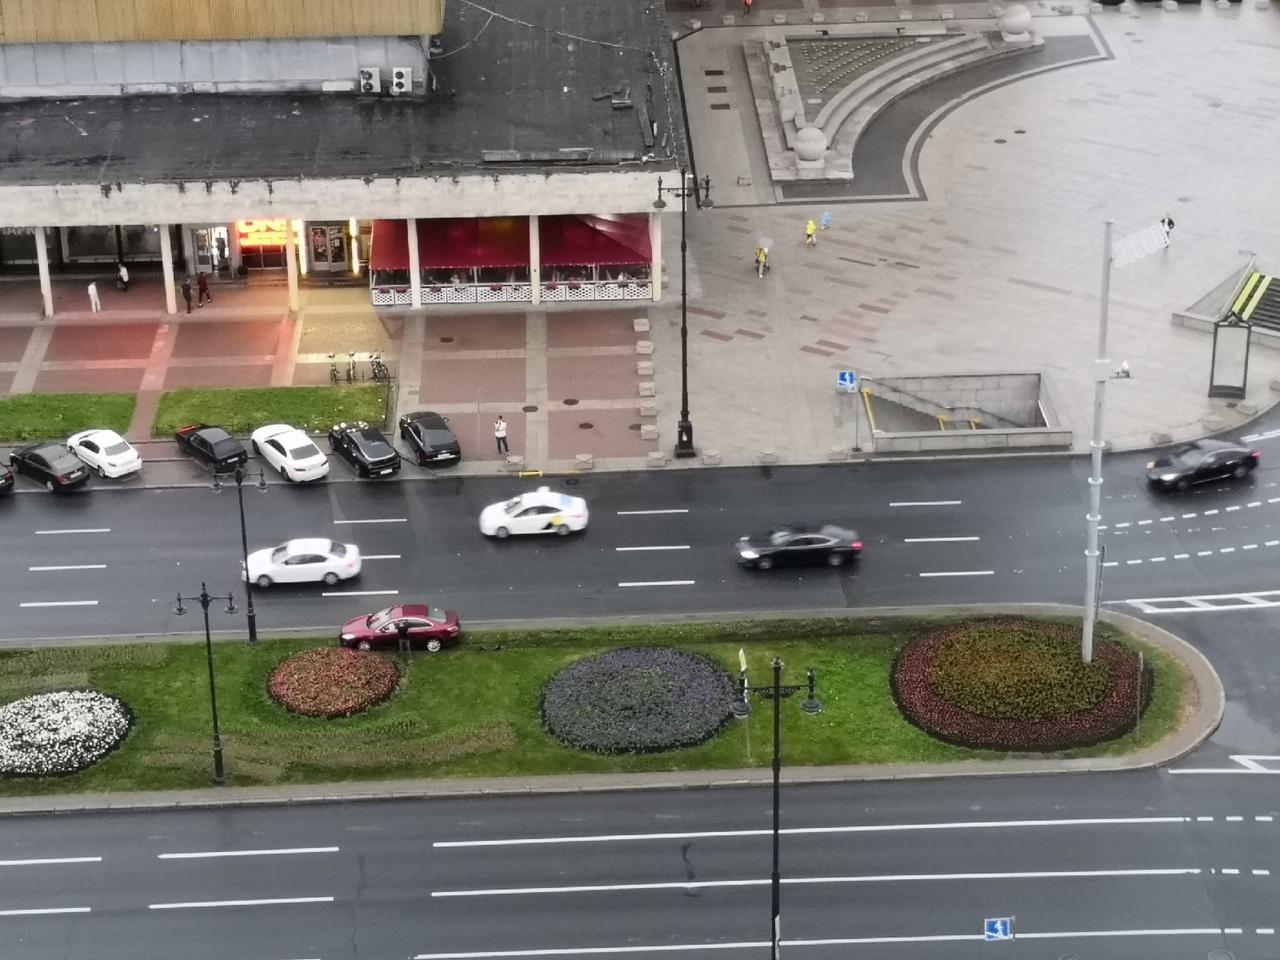 На площади Победы/Московском не вошедший в свою полосу автомобиль красуется на газоне. Других участн...